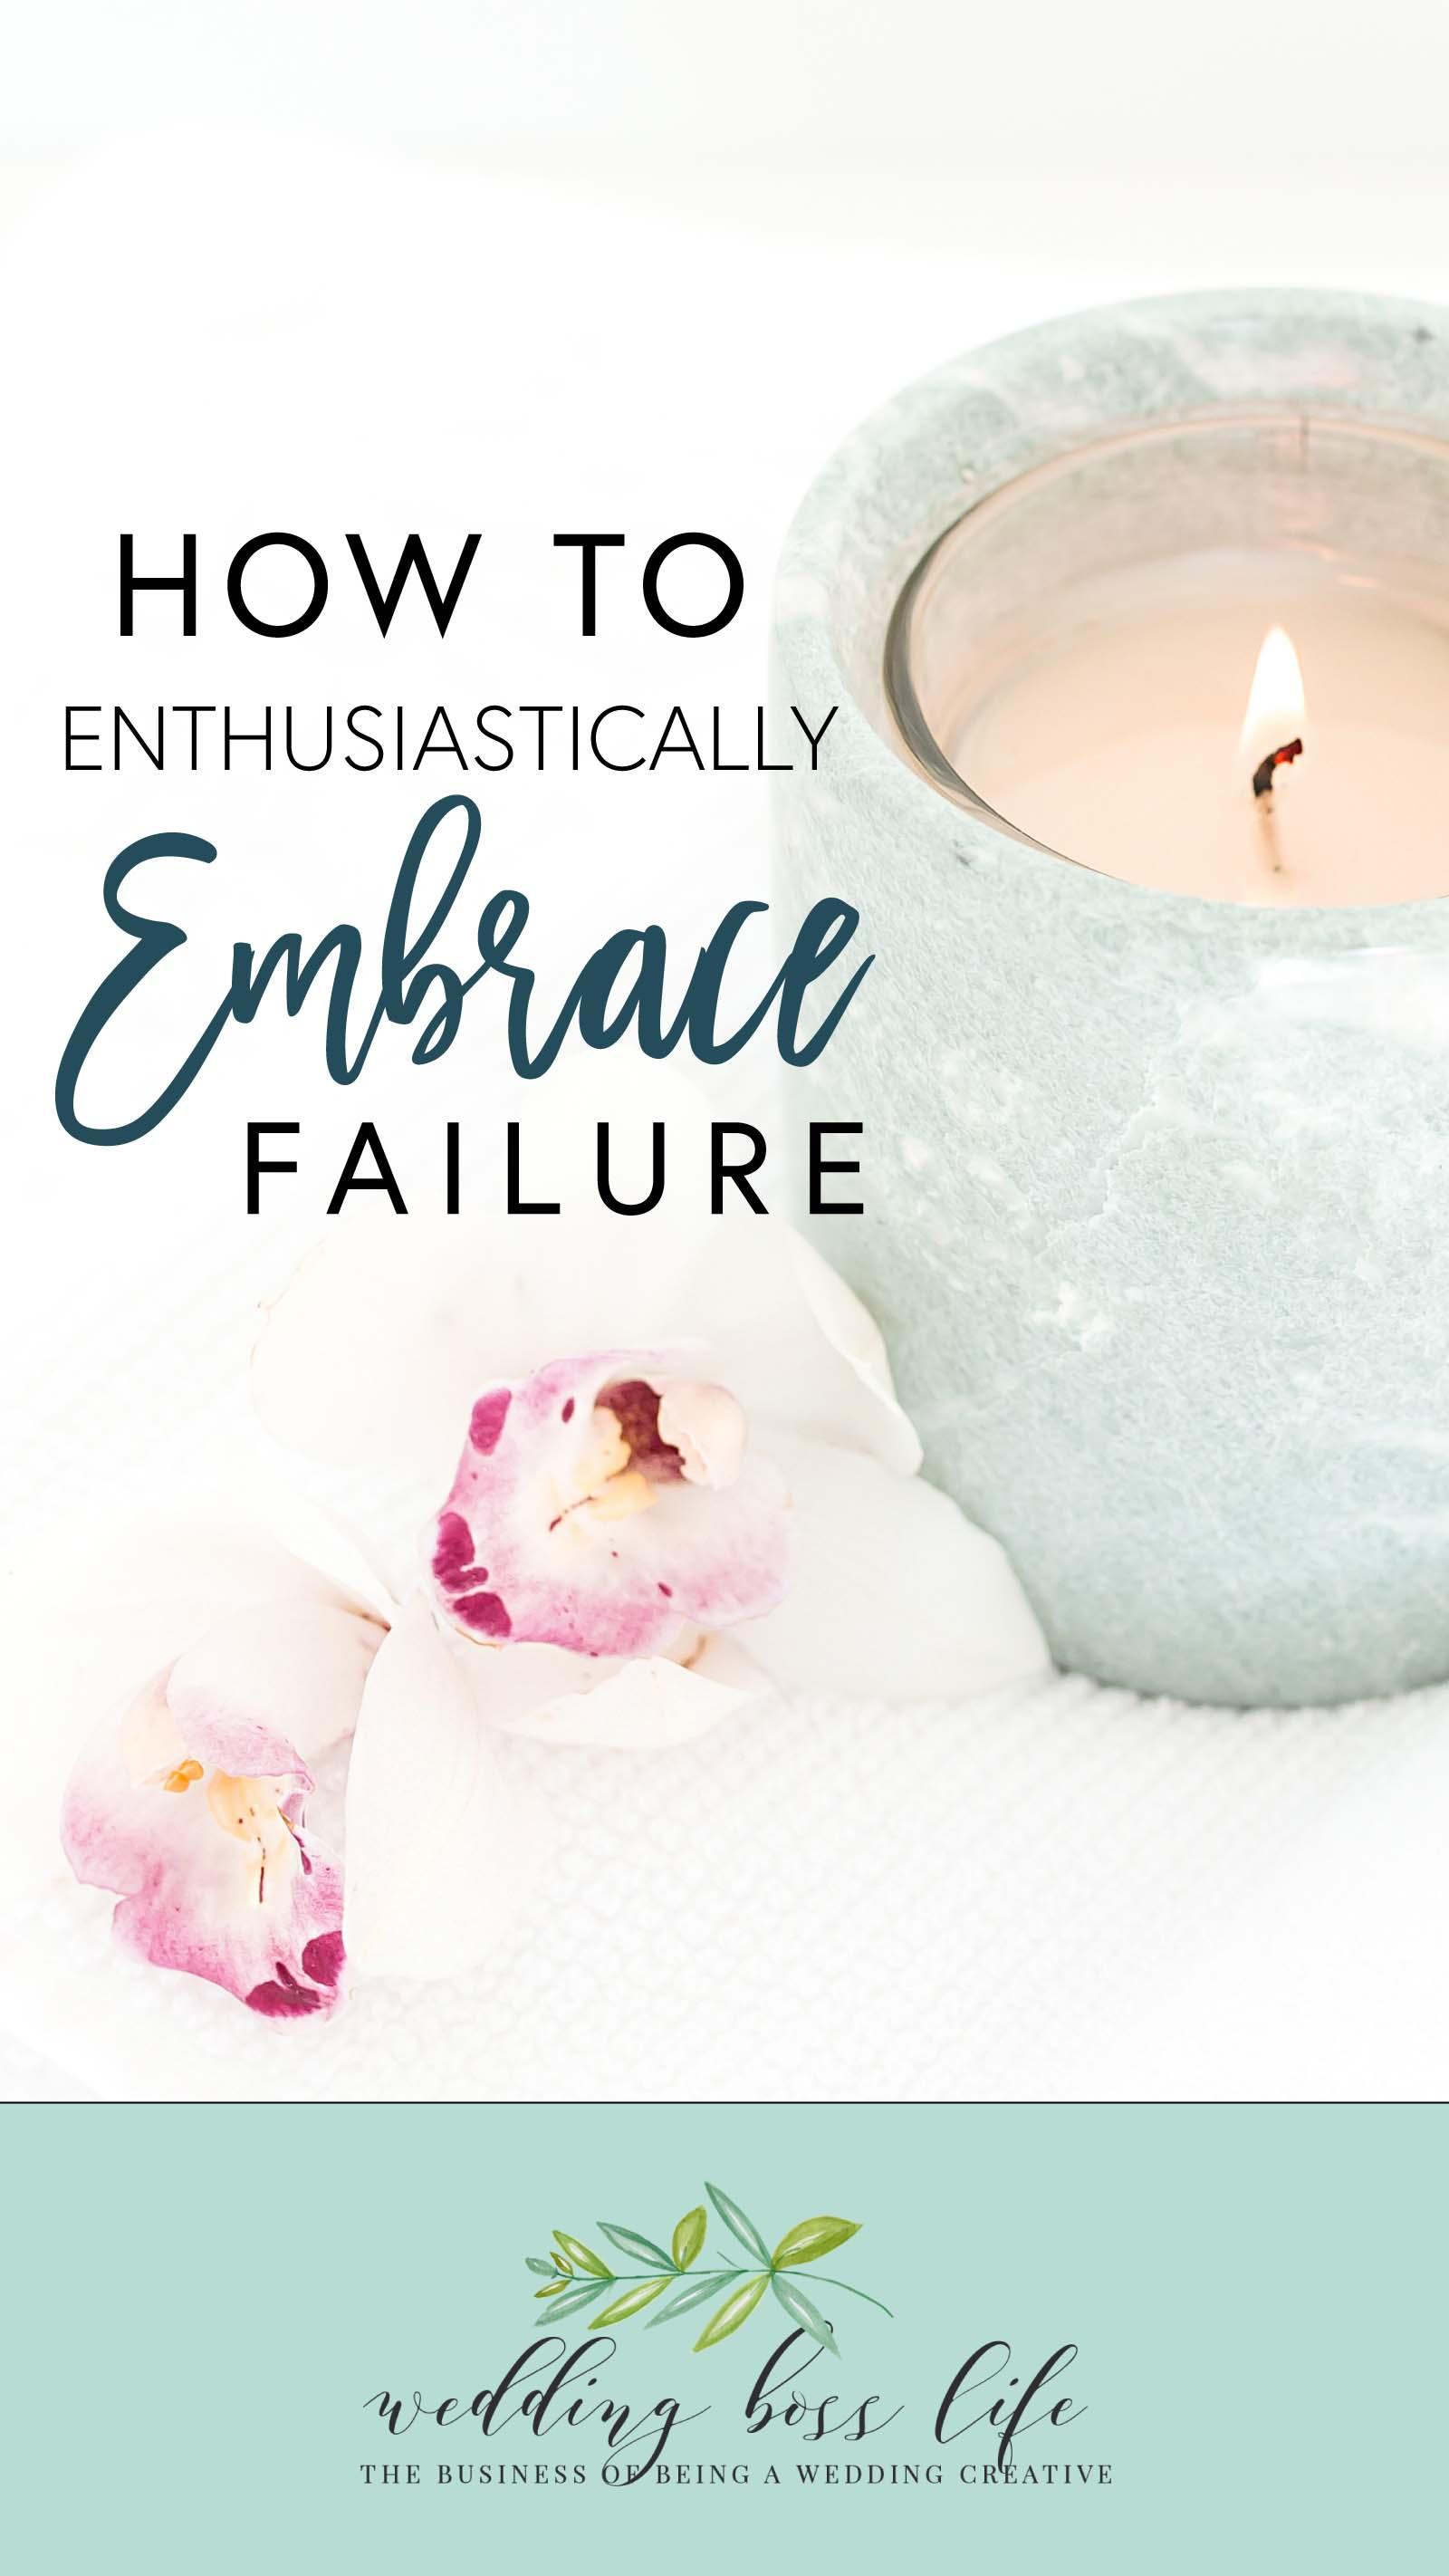 Enthusiastically Embrace Failure